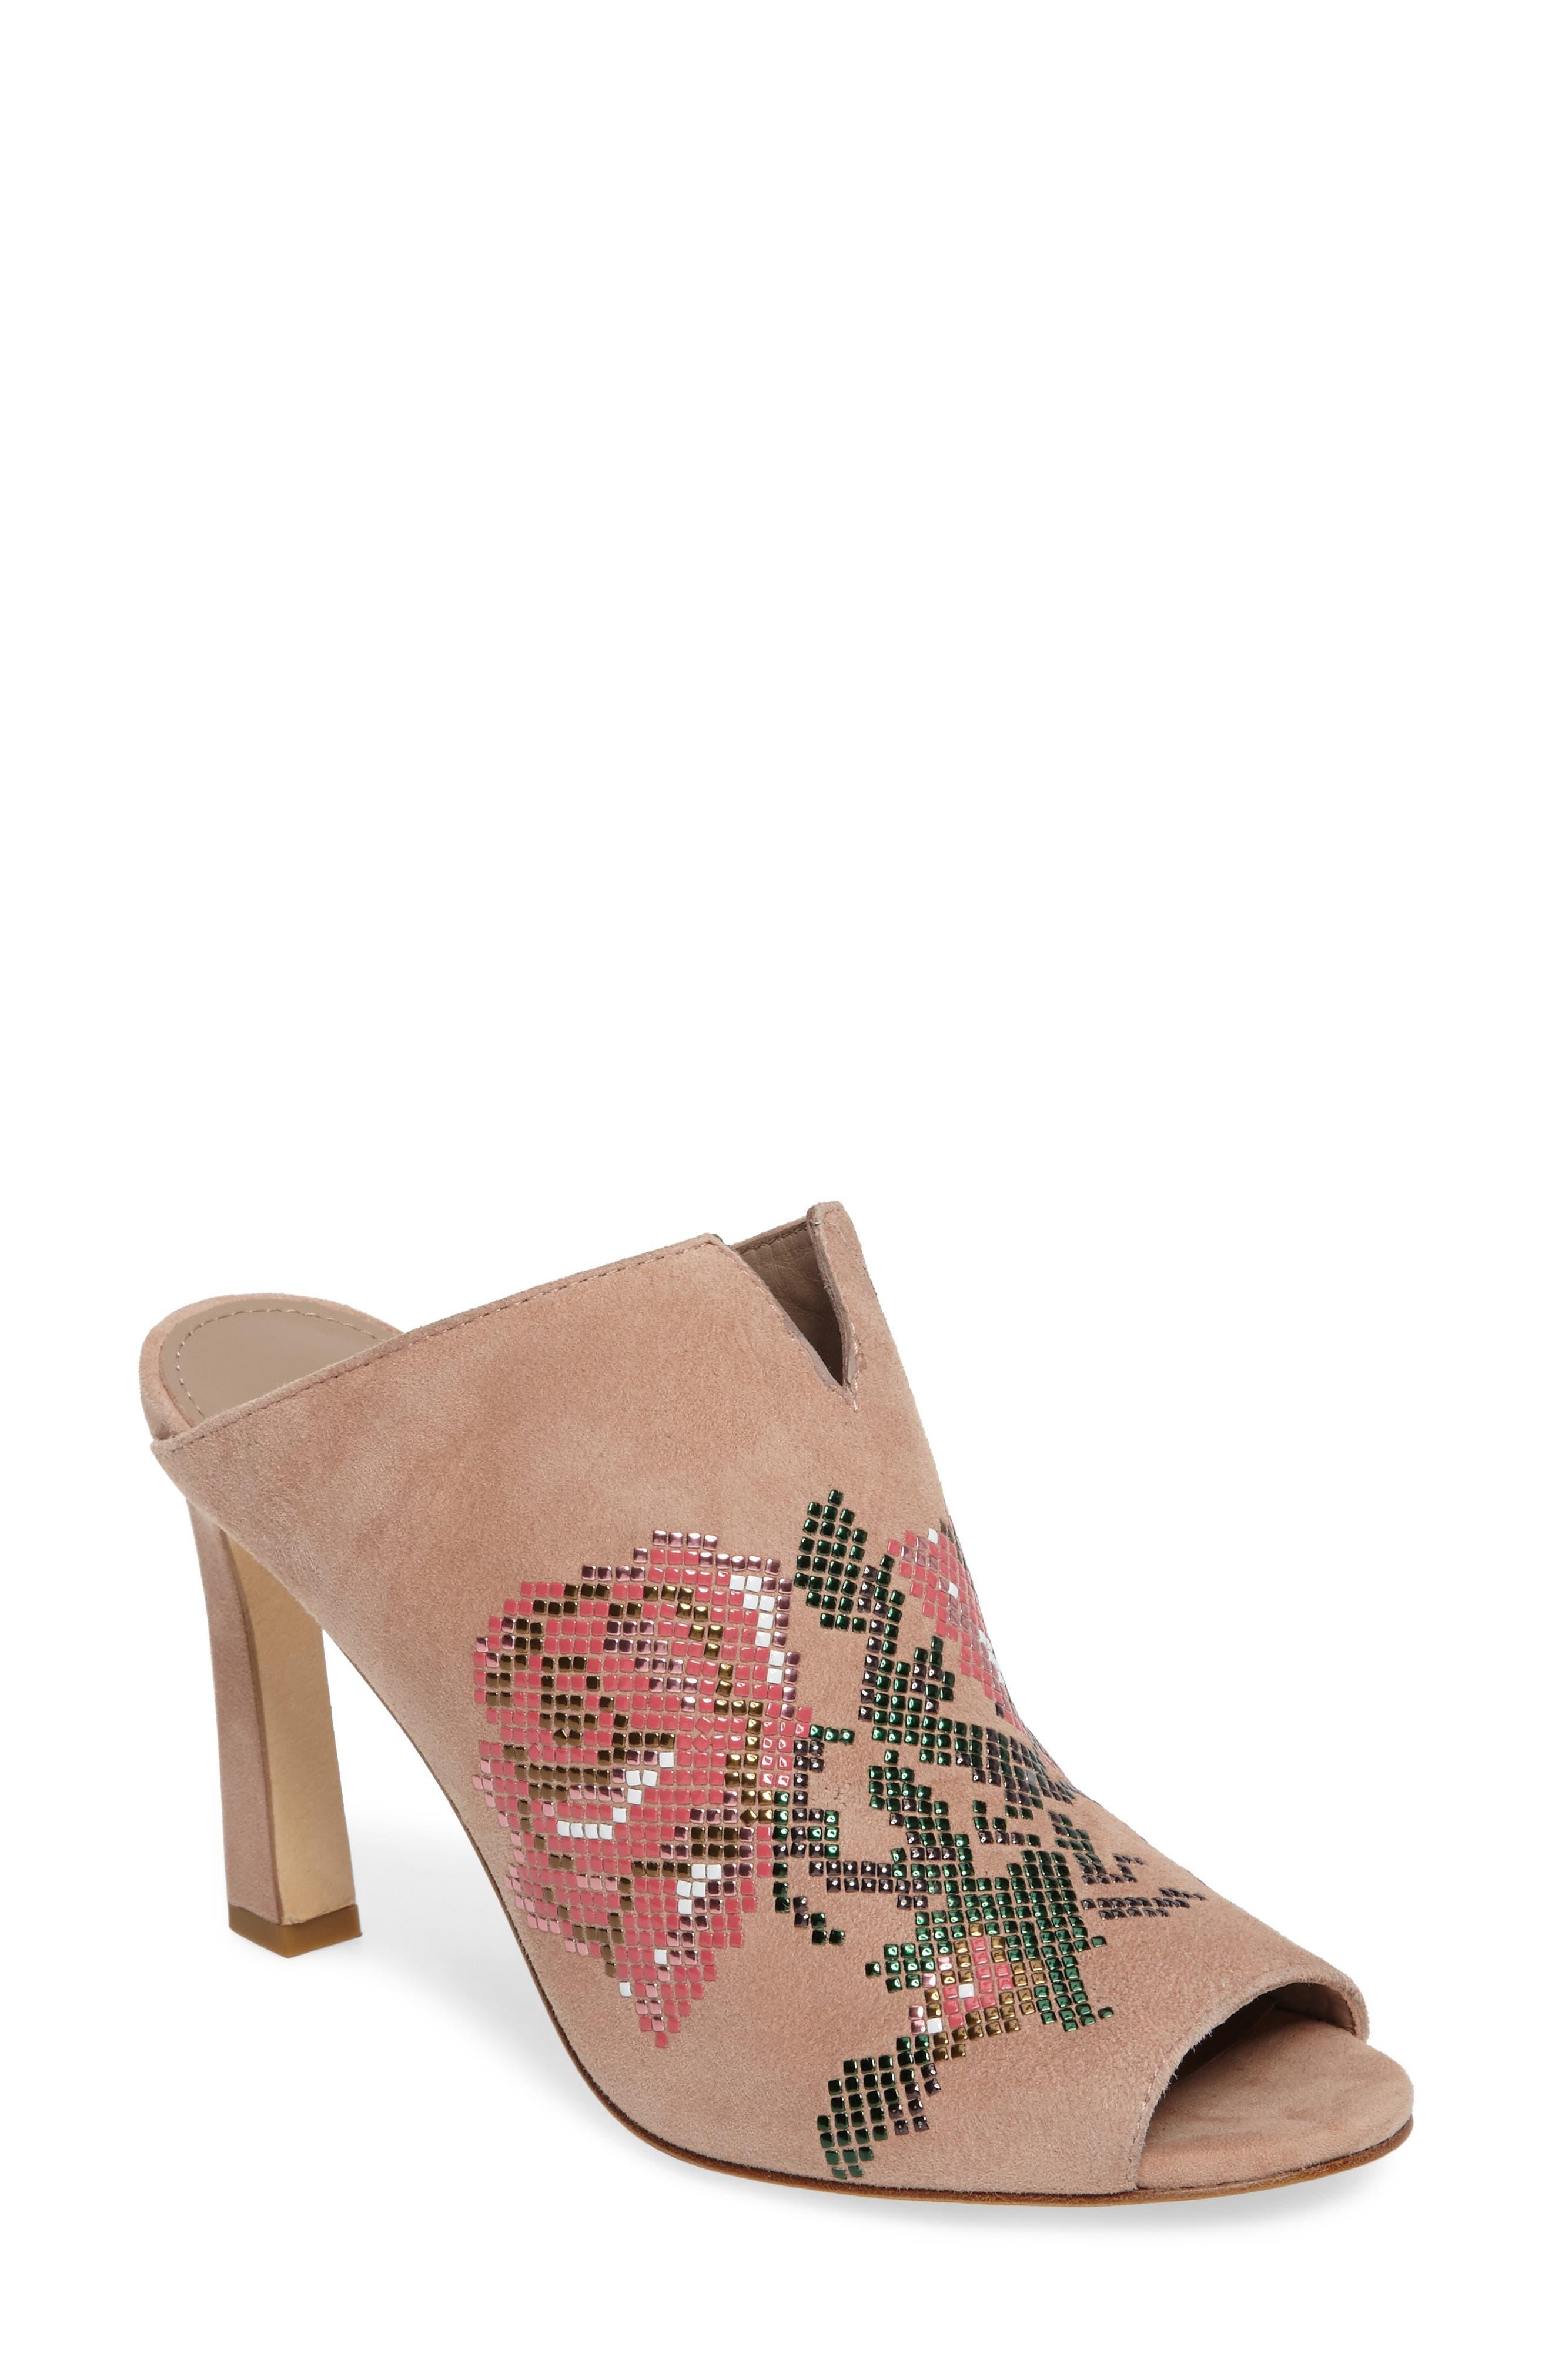 DONALD J PLINER Elora Embellished Open-Toe Mule